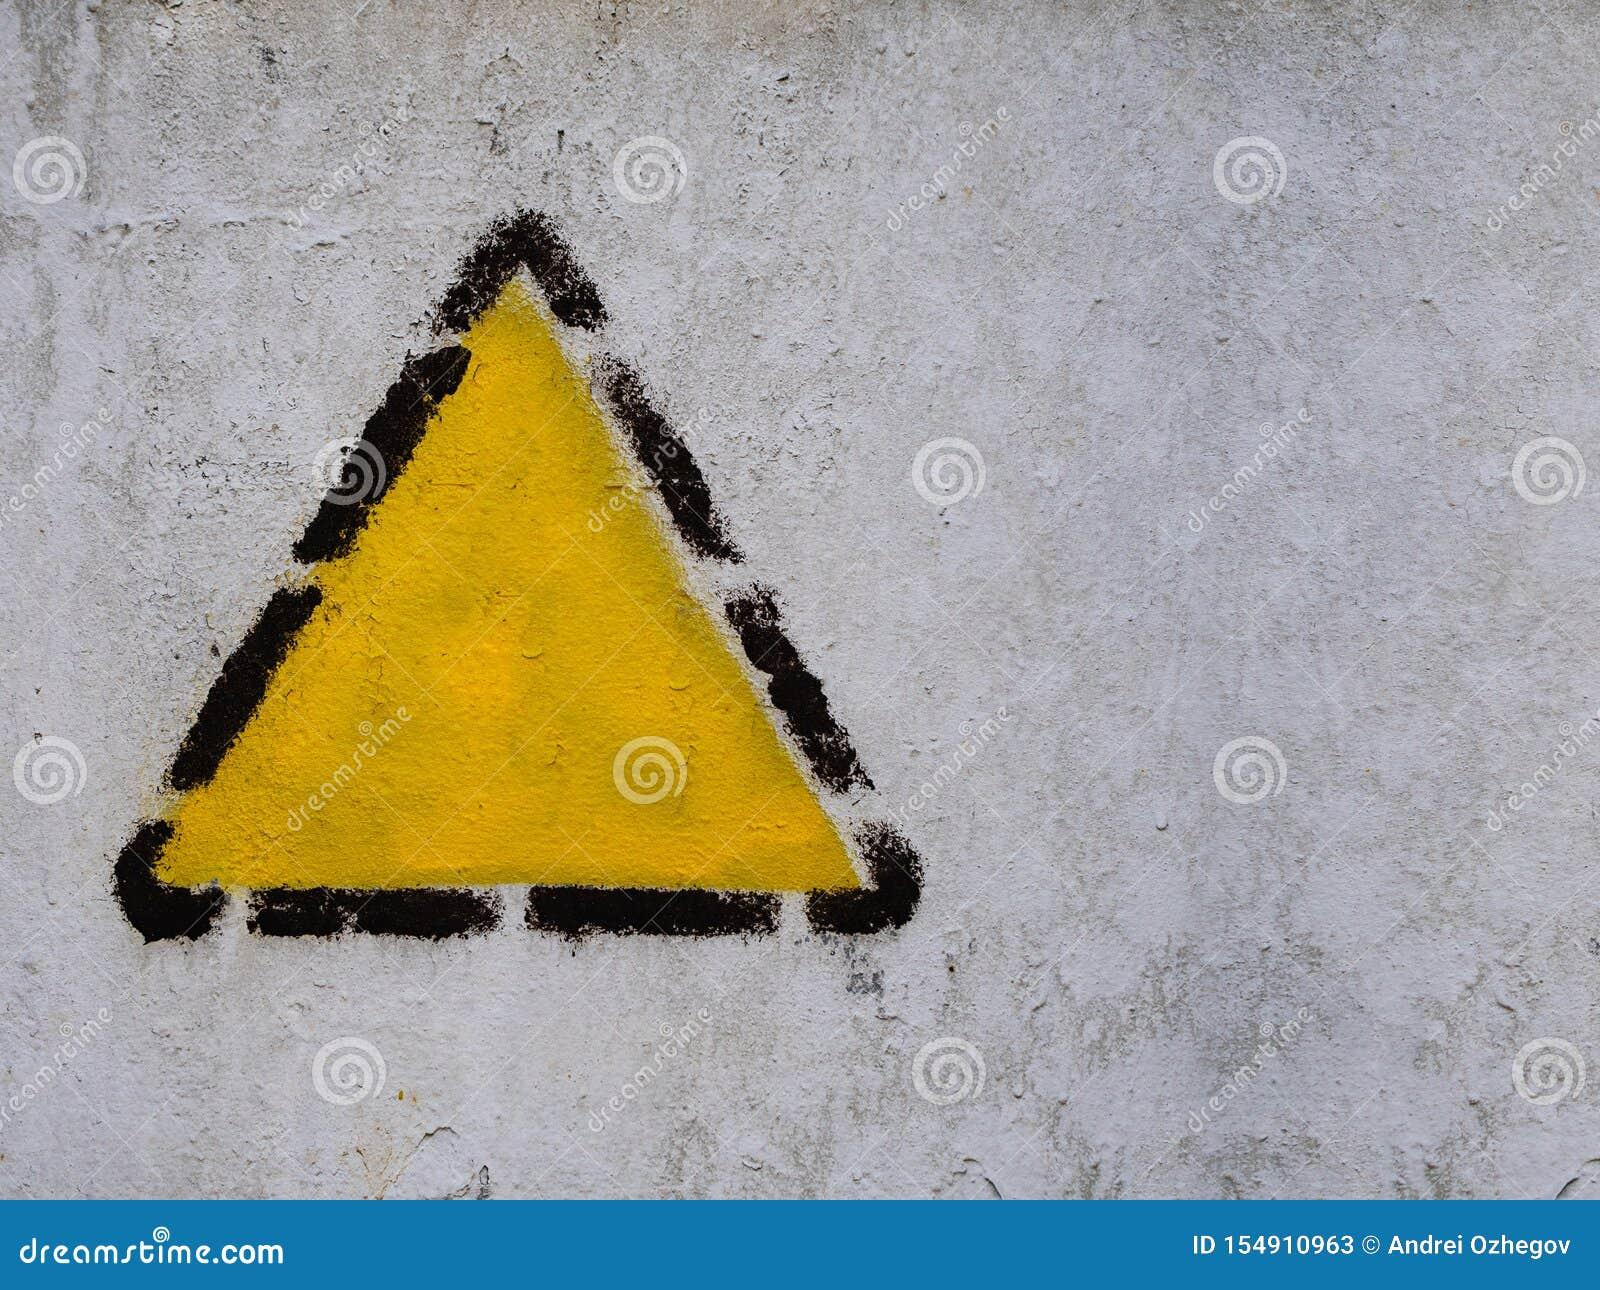 Gele driehoek, vierkant, ruit in zwart gestippeld kader op de oude gemeenschappelijke muur